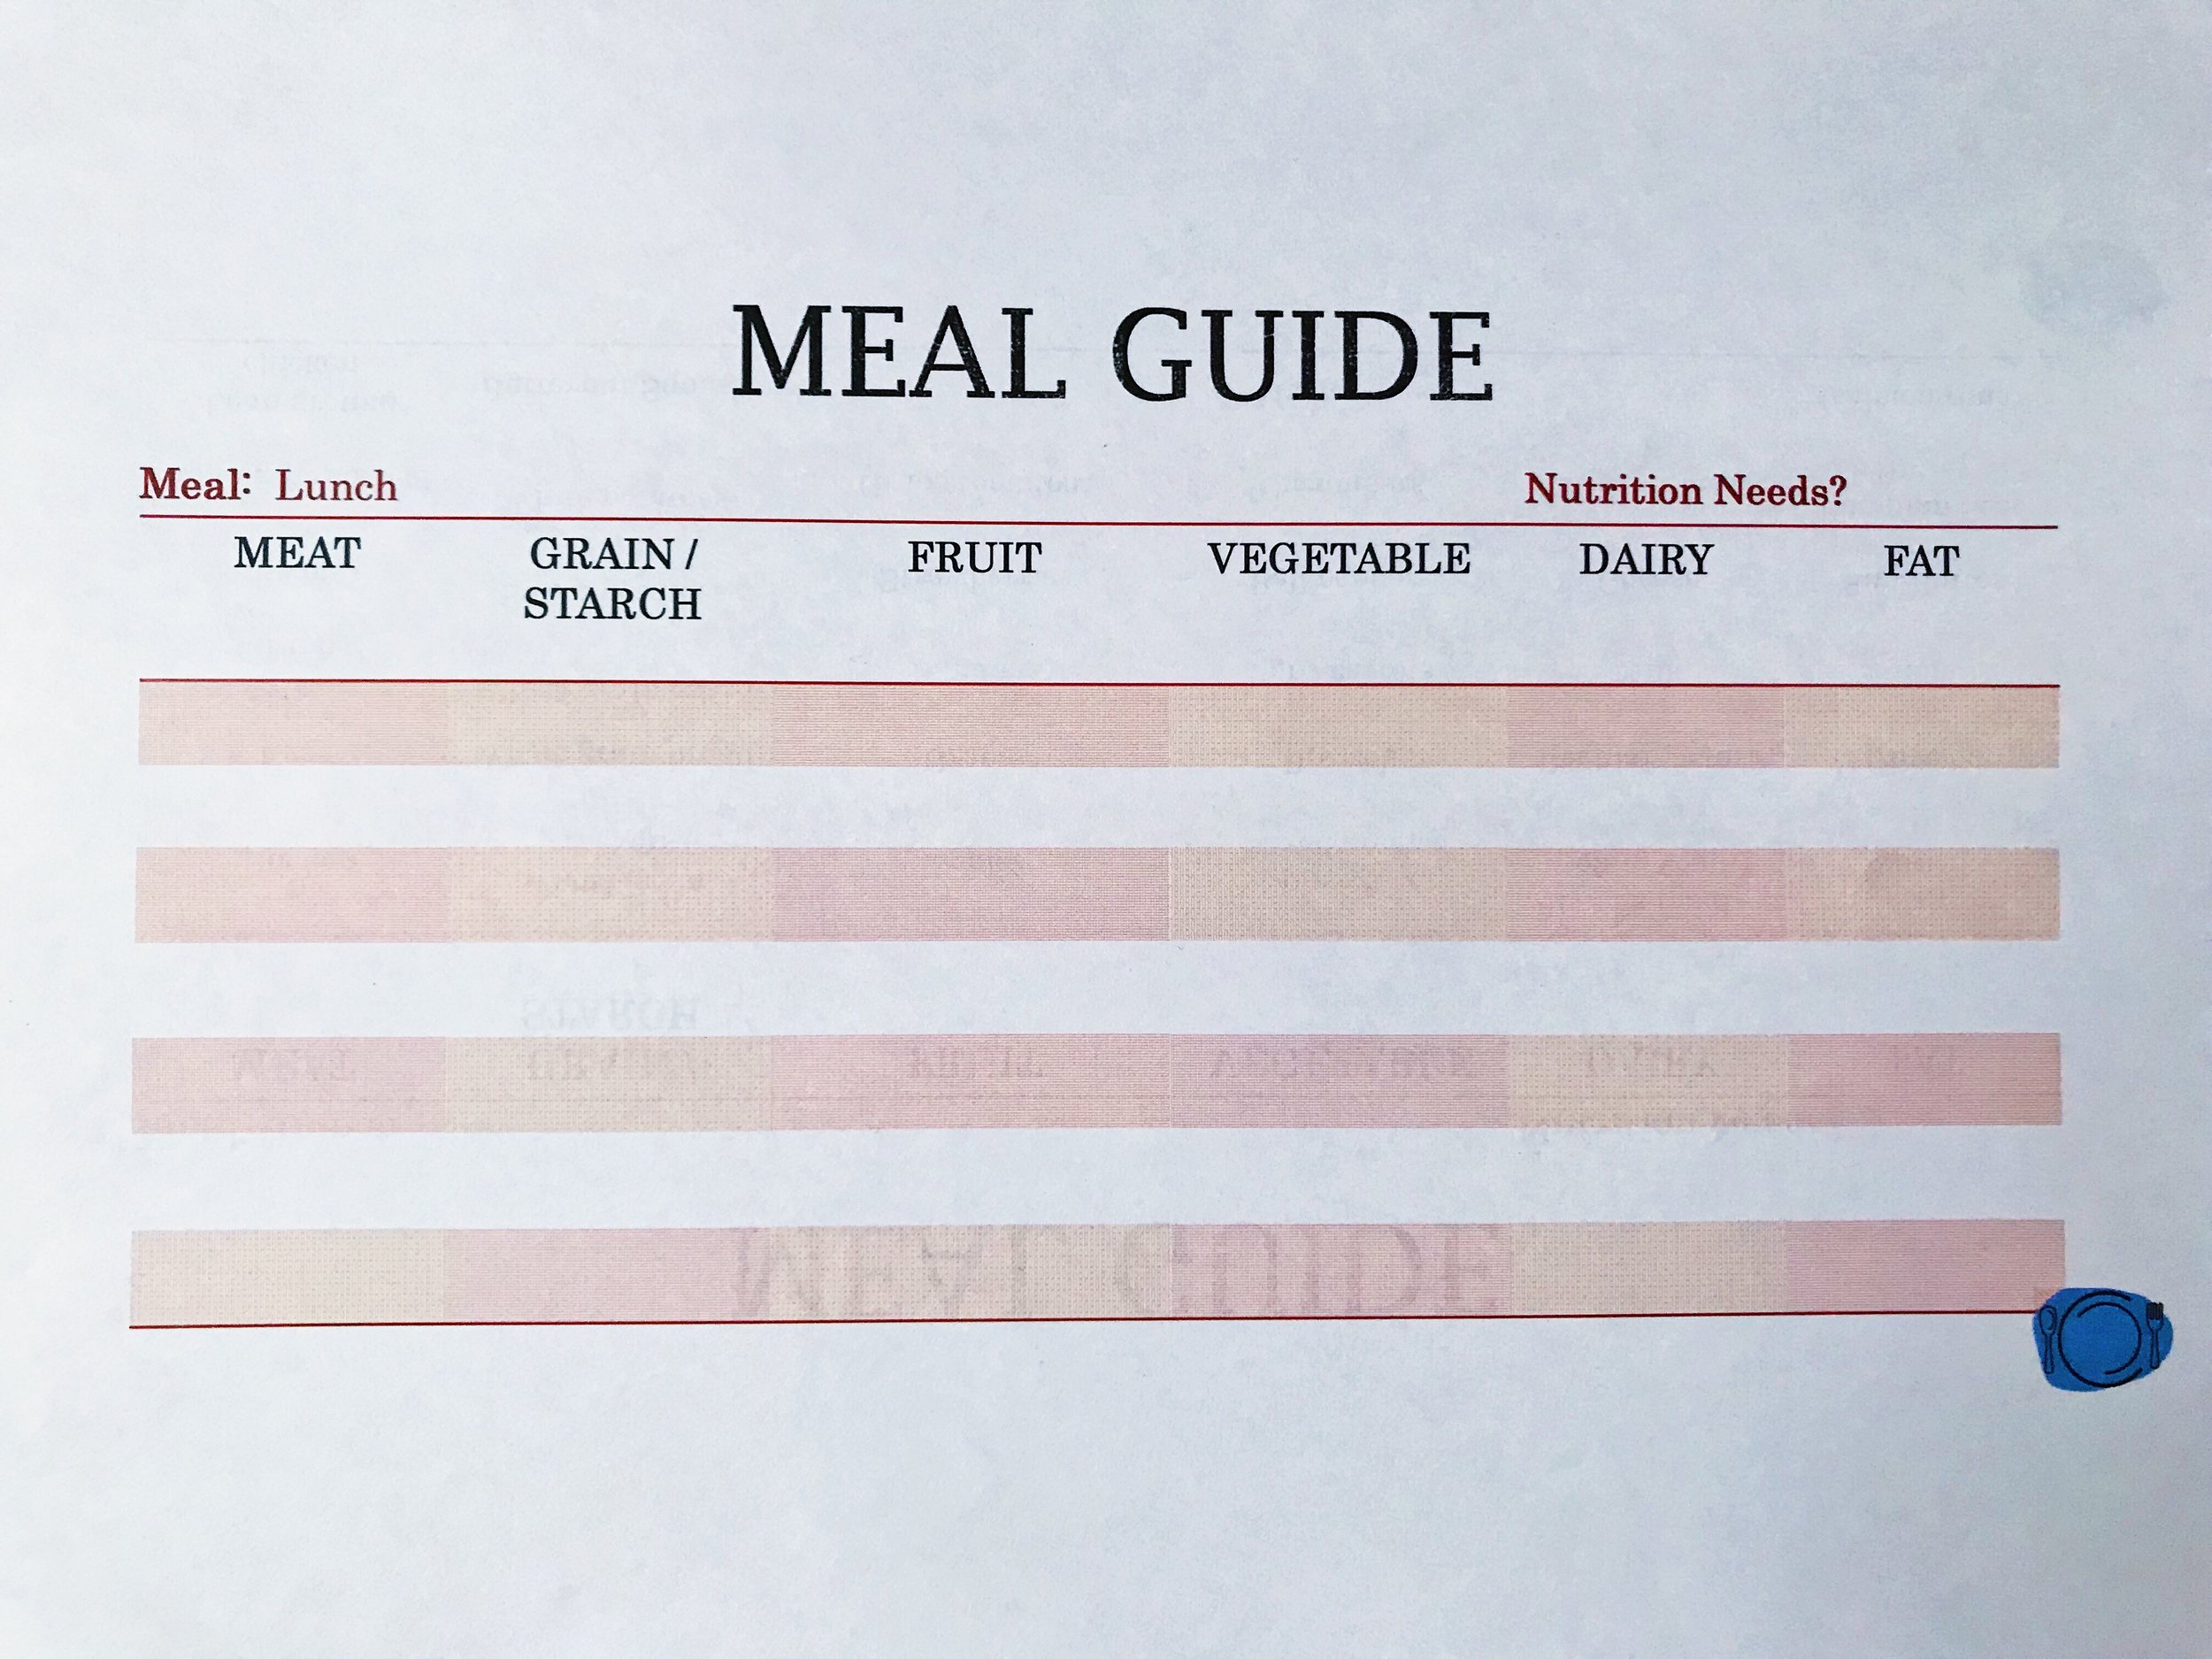 01_Meal Guide_Blank.JPG